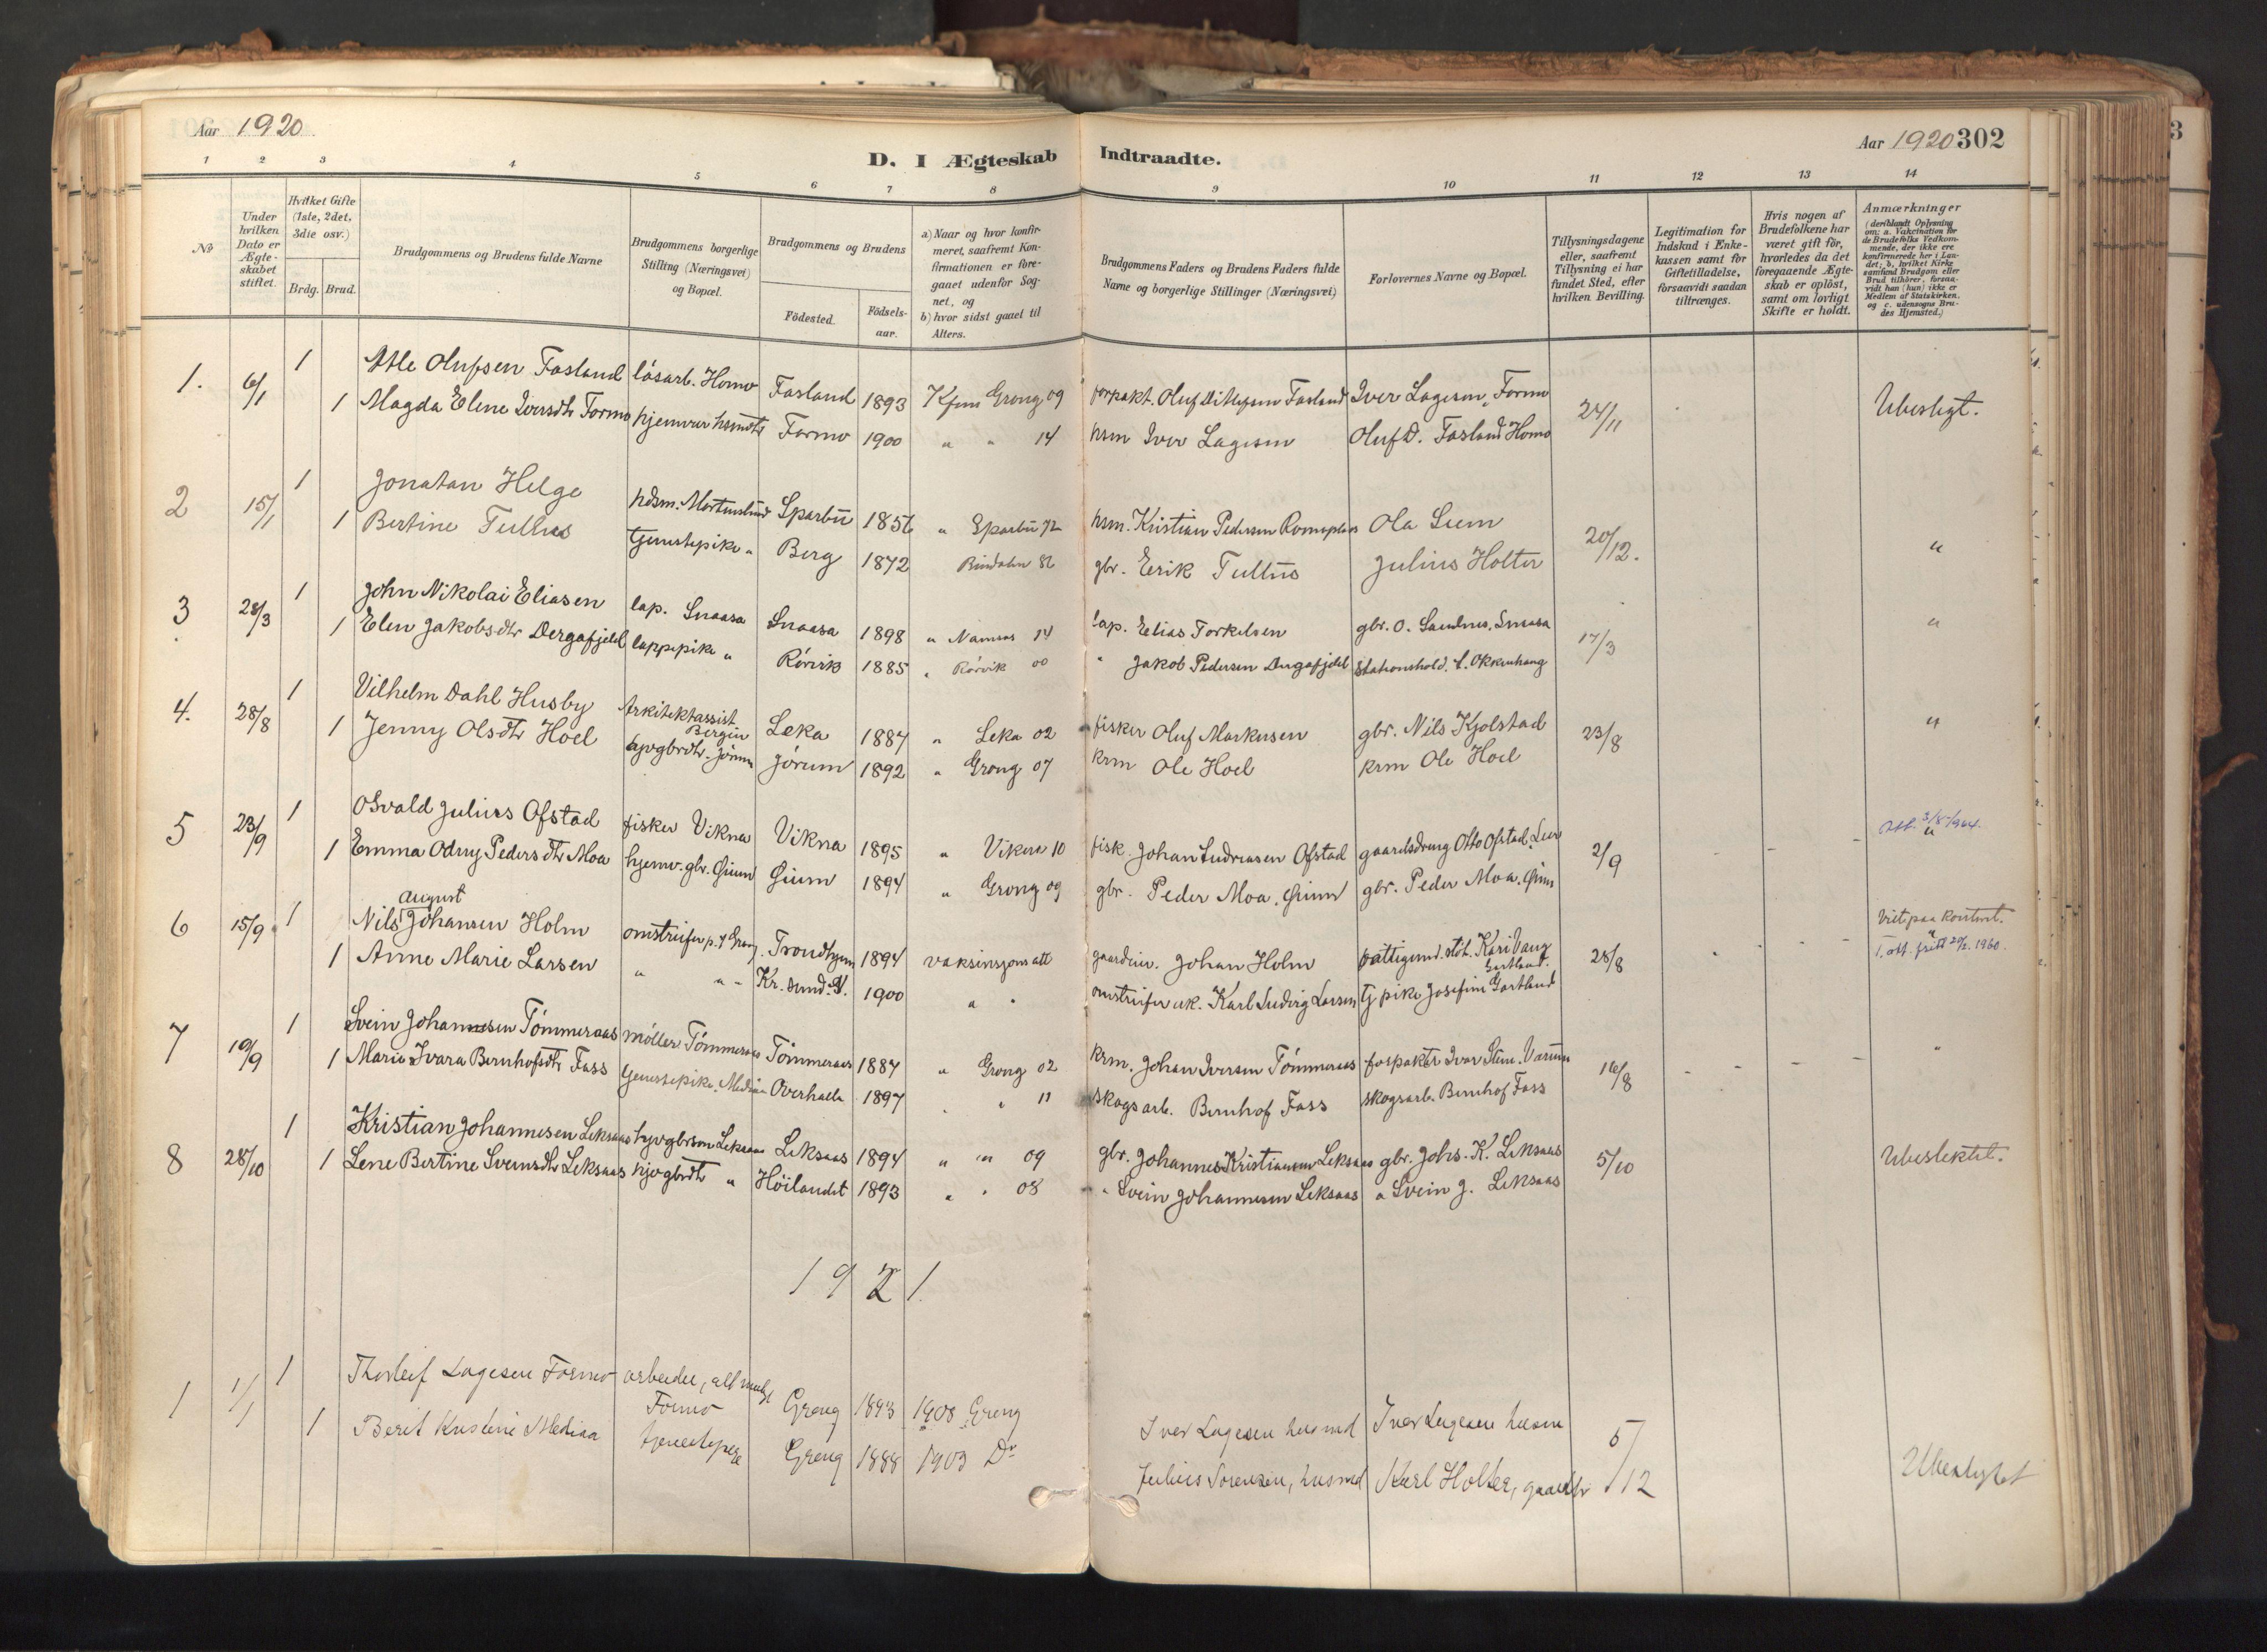 SAT, Ministerialprotokoller, klokkerbøker og fødselsregistre - Nord-Trøndelag, 758/L0519: Ministerialbok nr. 758A04, 1880-1926, s. 302